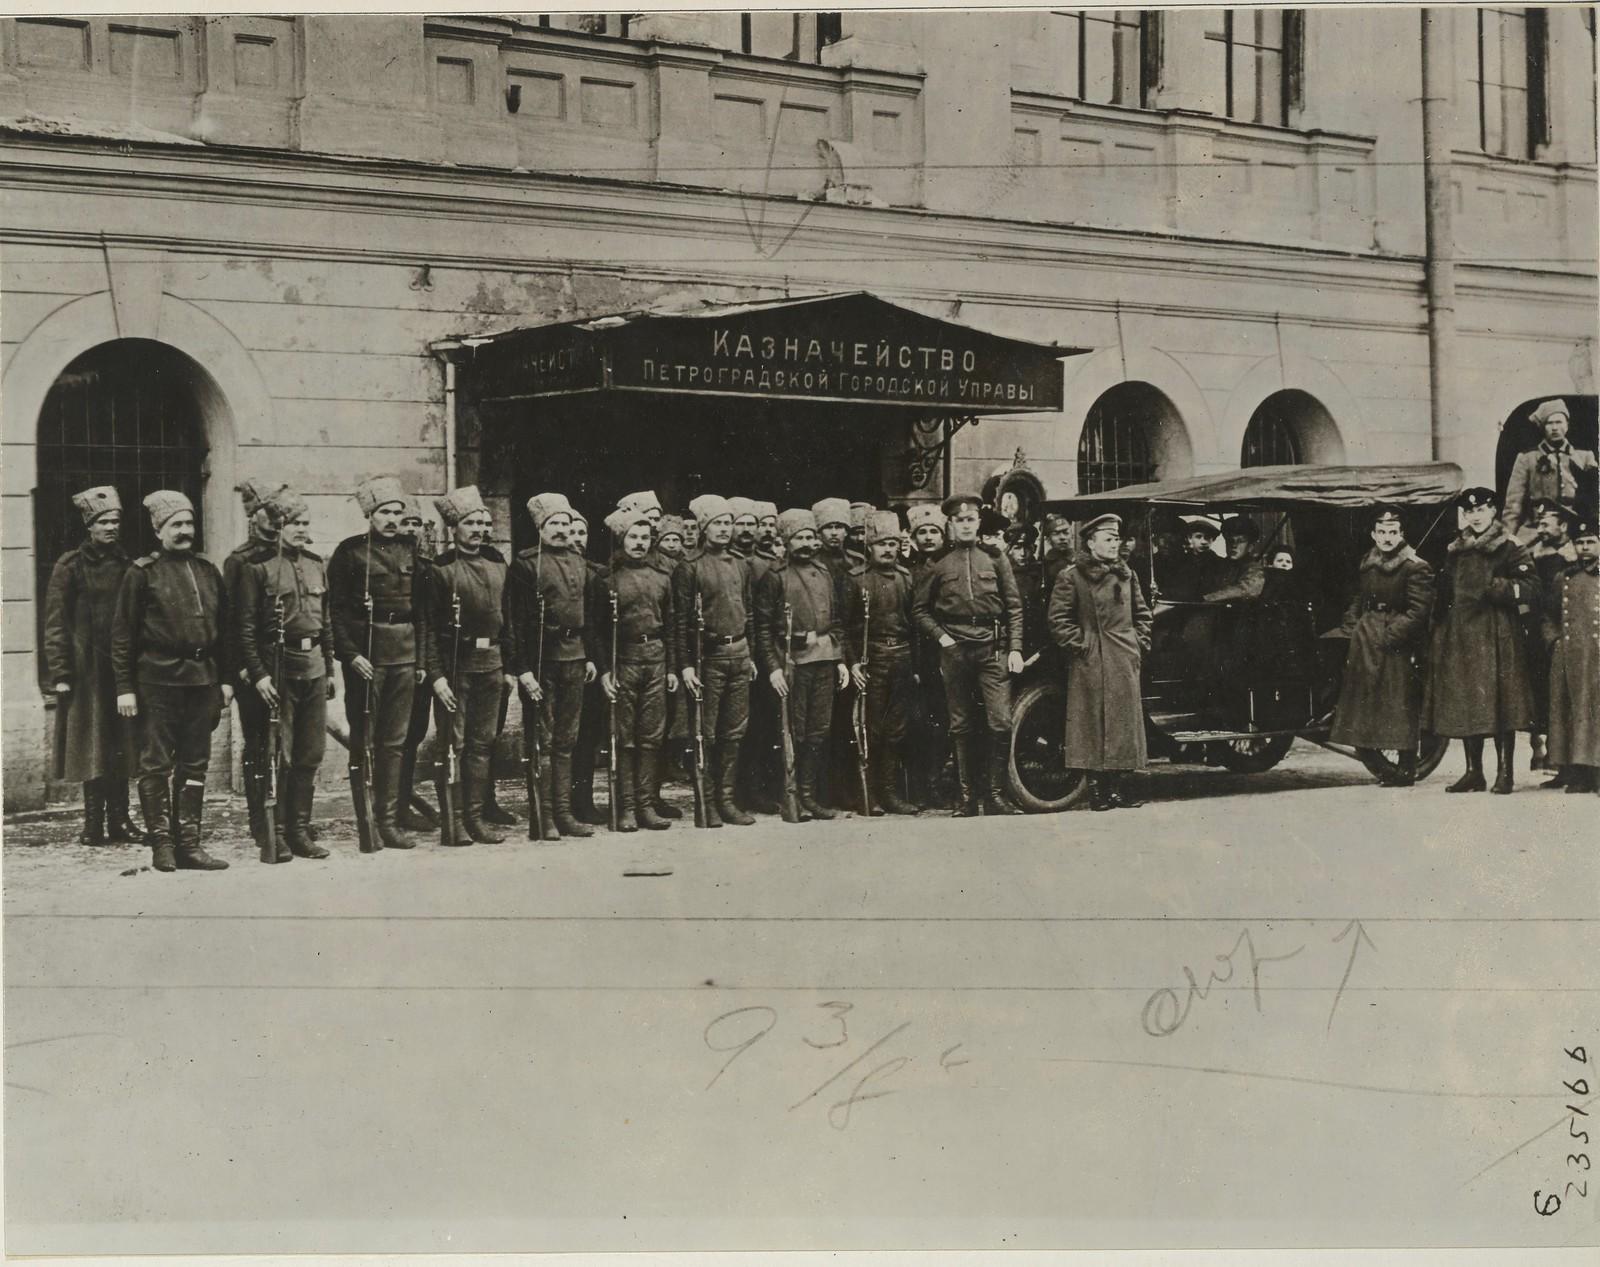 1917. Вооруженная охрана у Казначейства городской управы в Петрограде